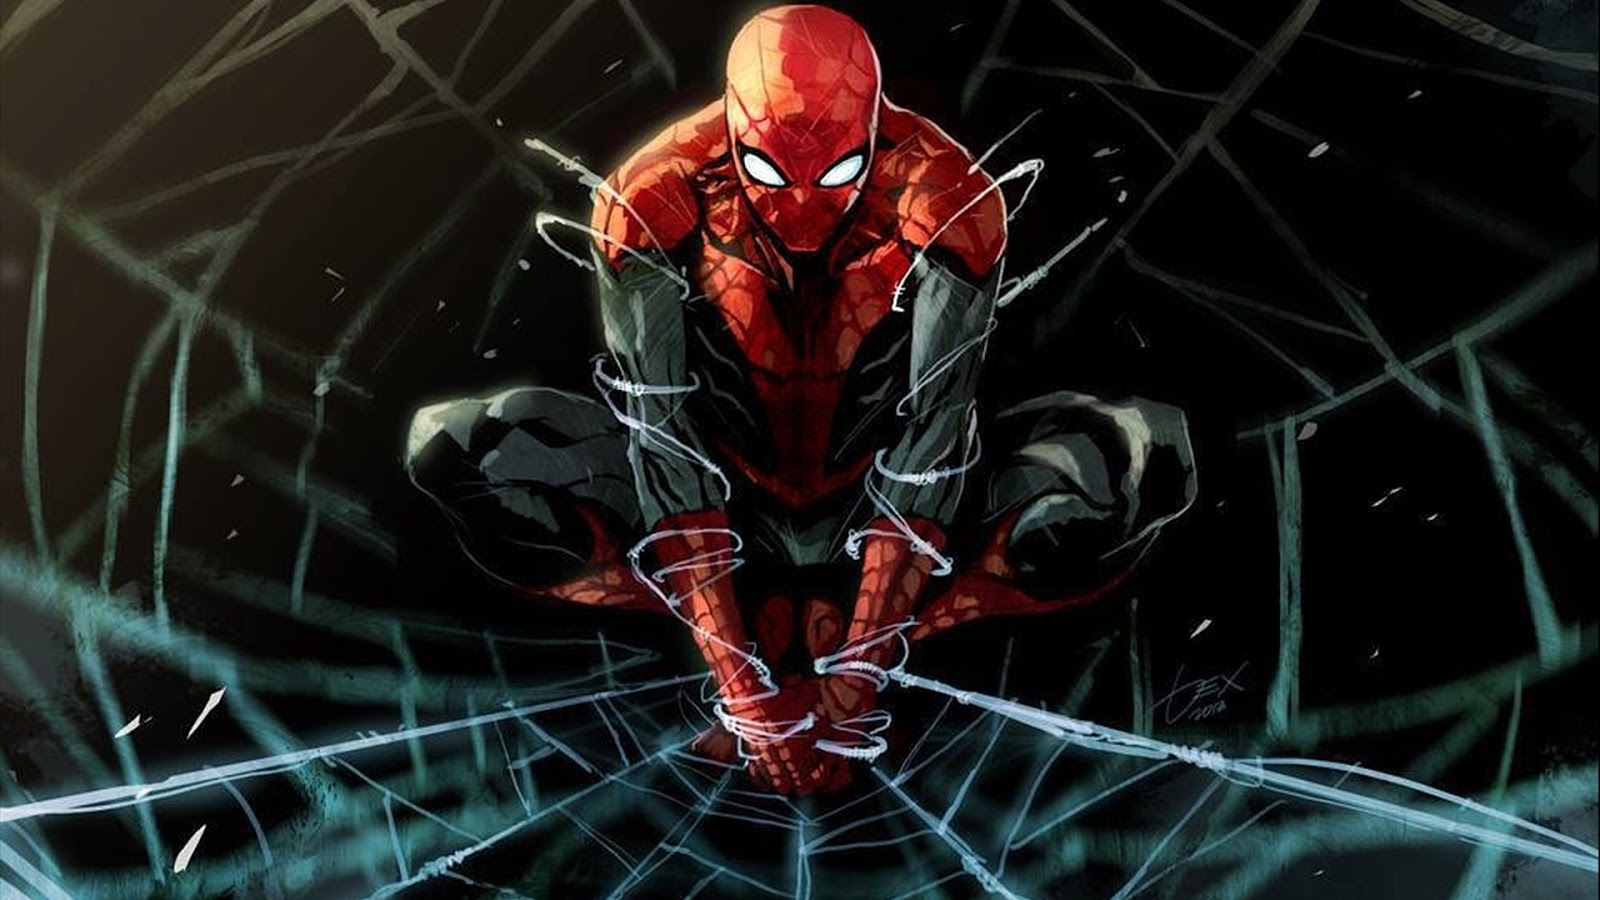 Gambar Spiderman Keren Lengkap | Kumpulan Gambar Lengkap